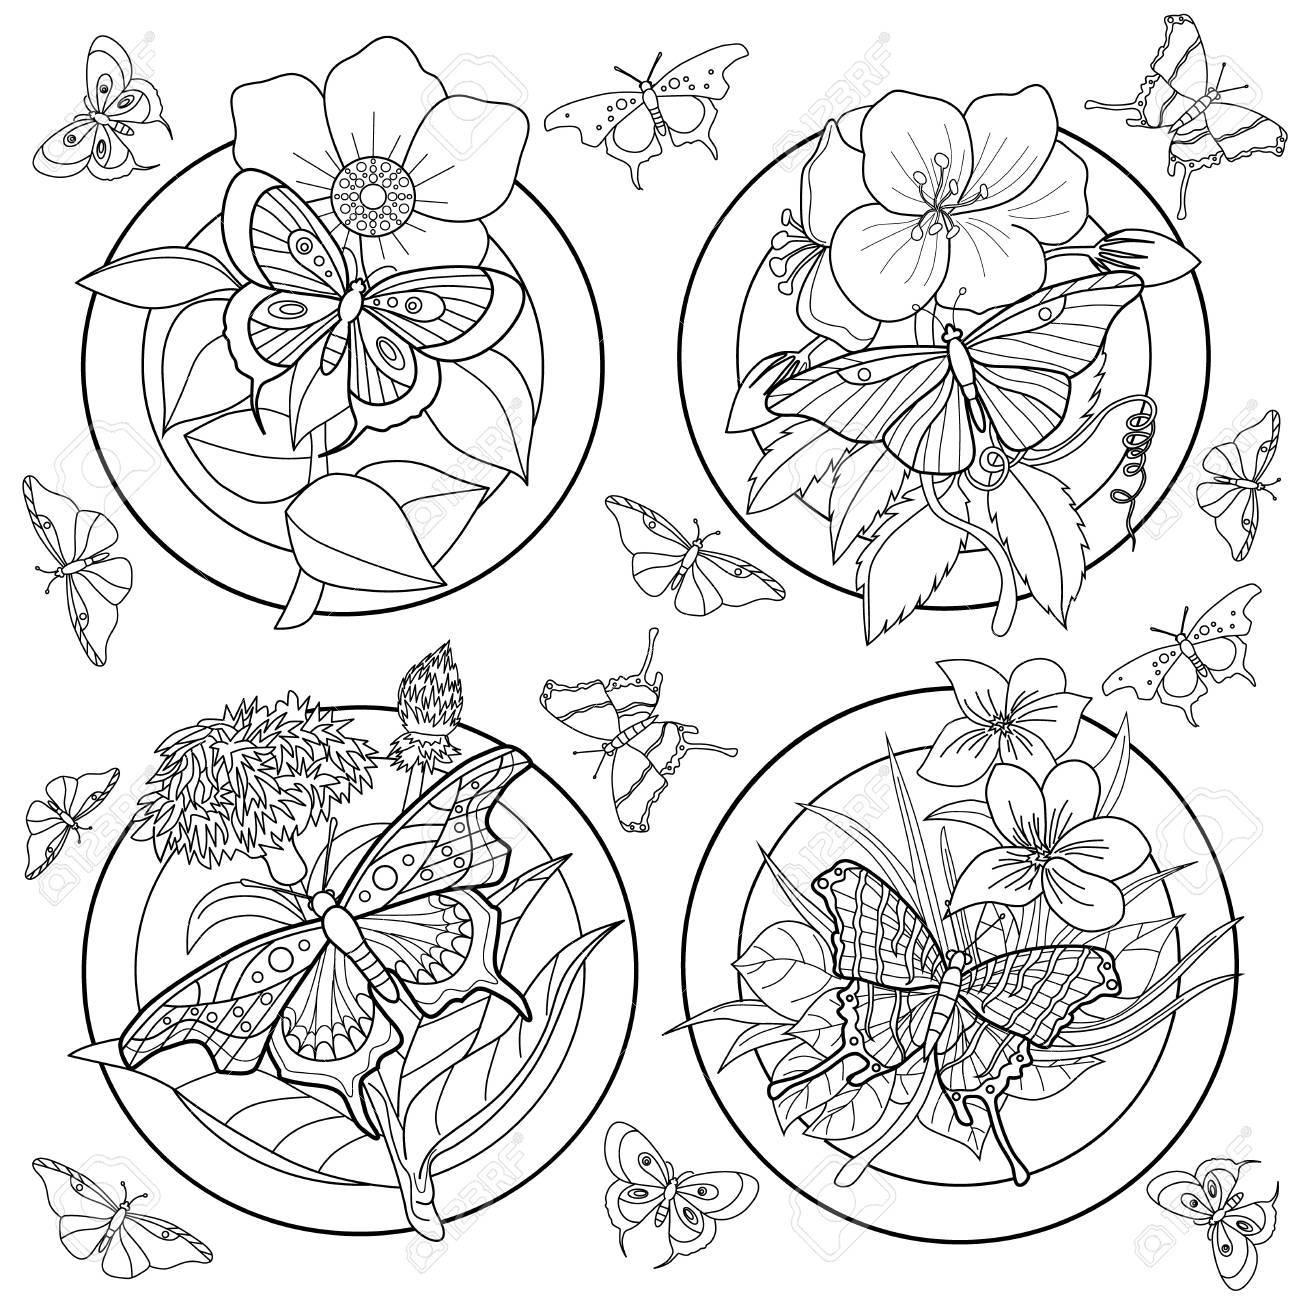 Malvorlage Für Erwachsene Mit Schmetterlingen Und Blumen